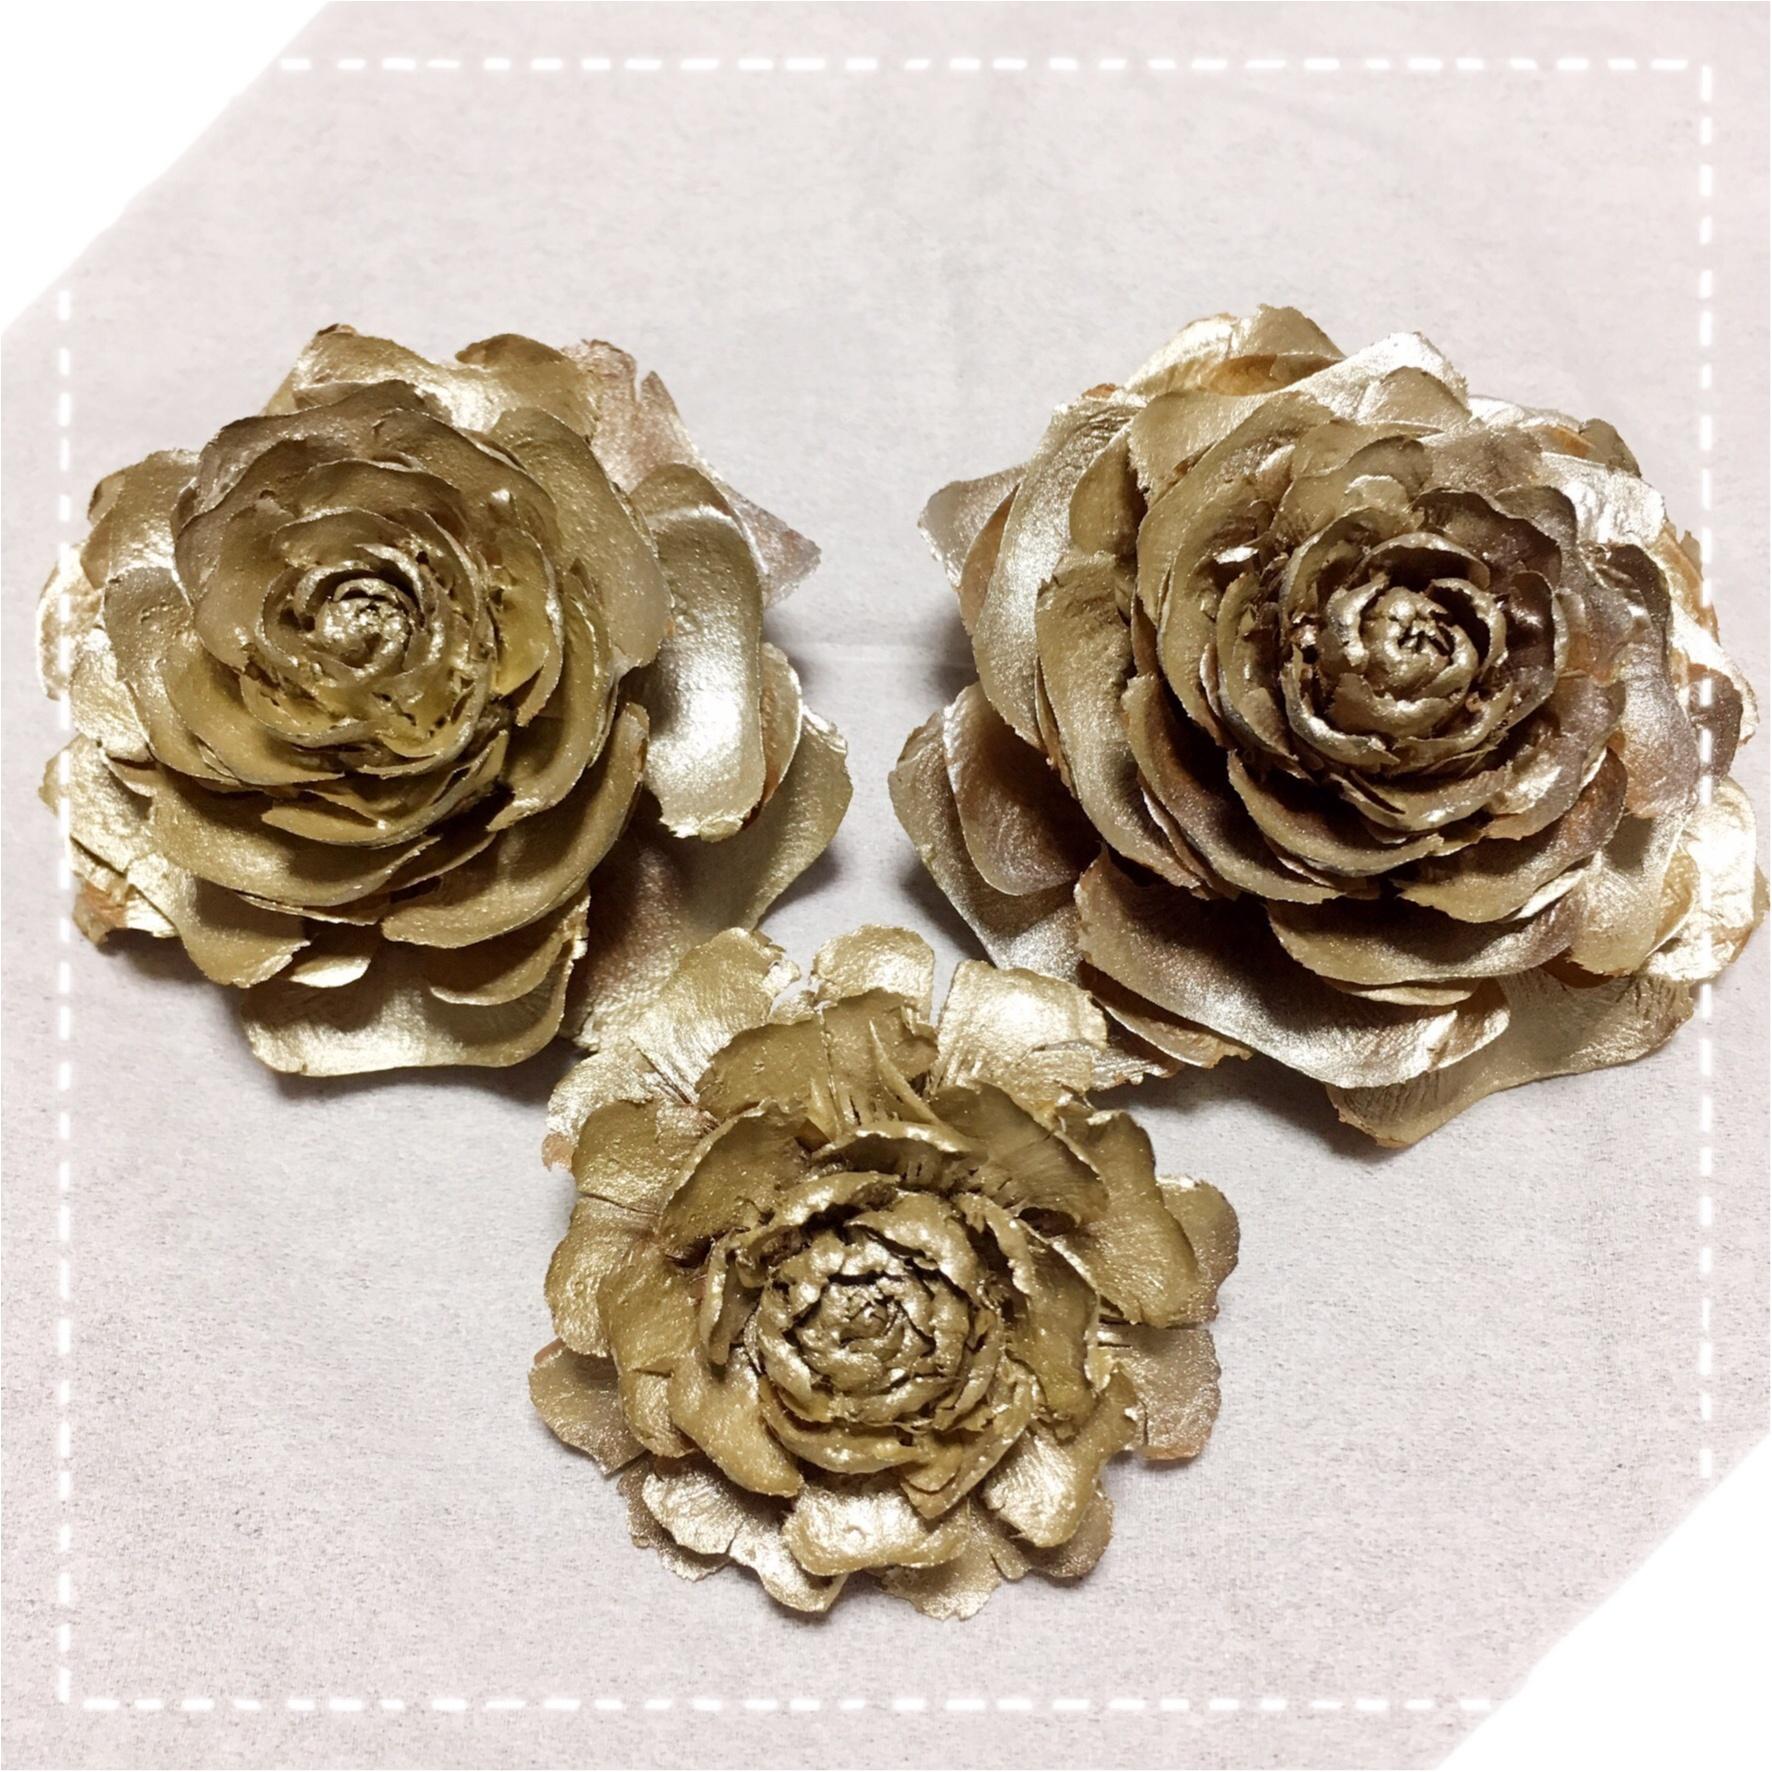 クリスマスにぴったり♡薔薇の形をした天然の松ぼっくり『シダーローズ』をあなたはご存知ですか?_2